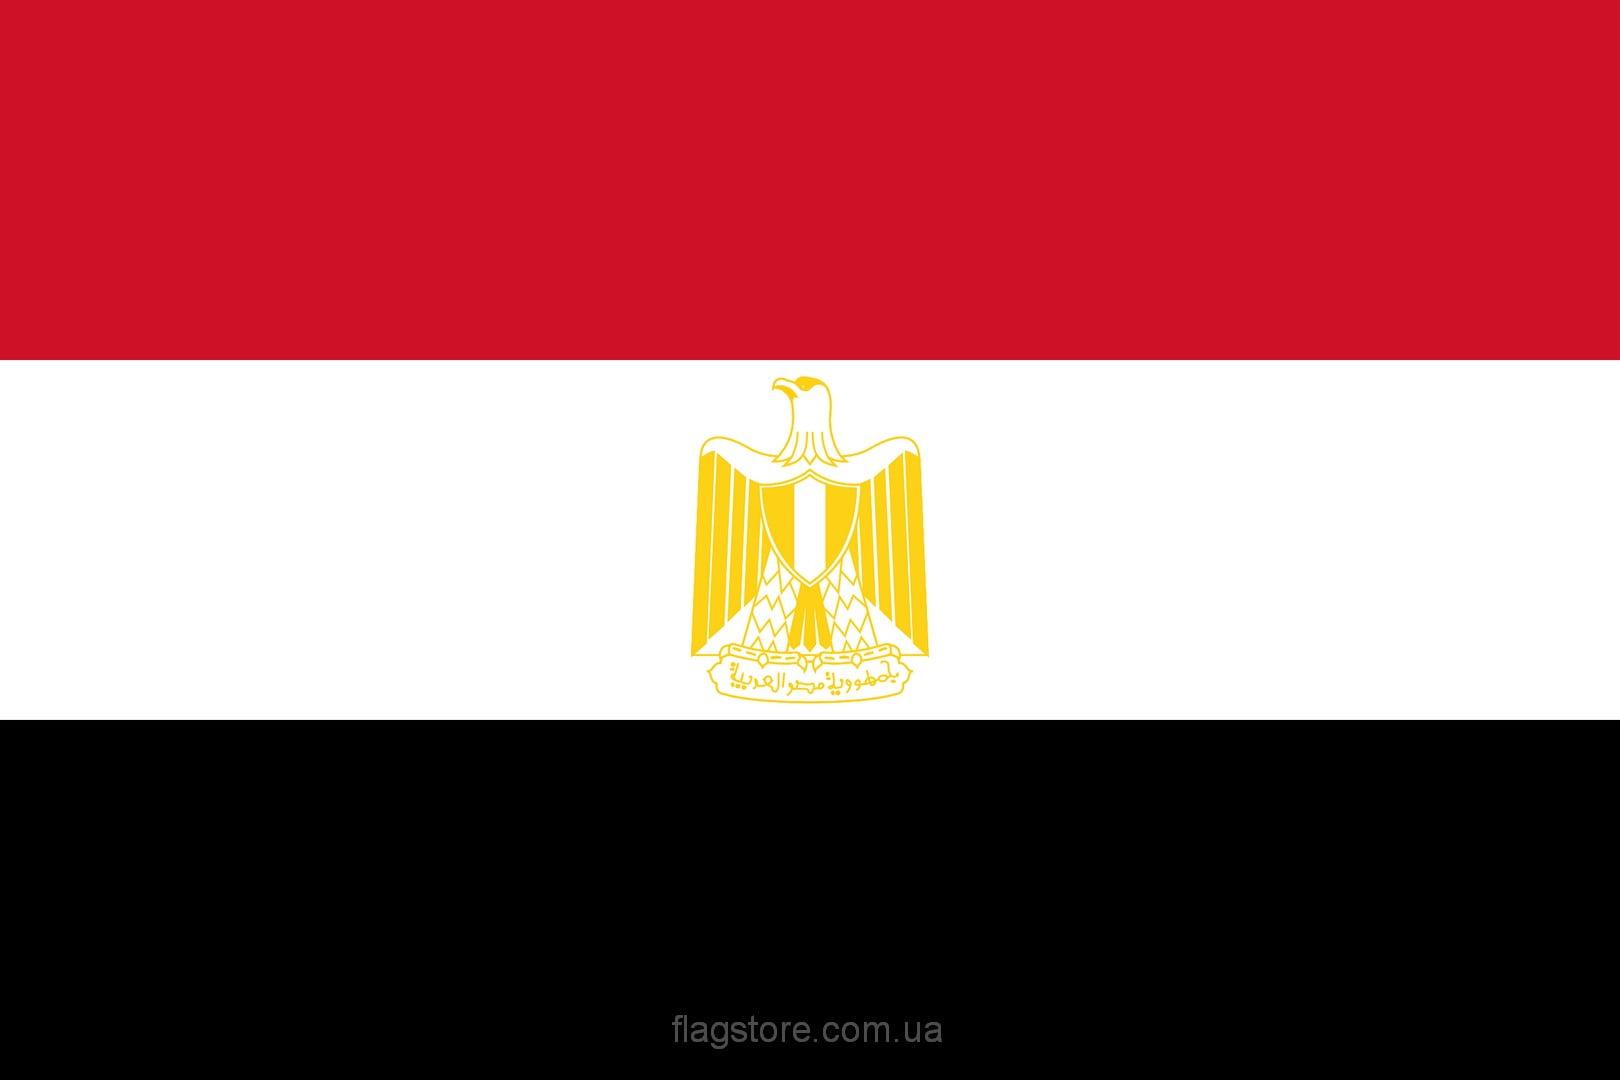 Купить флаг Египта (страны Египет)